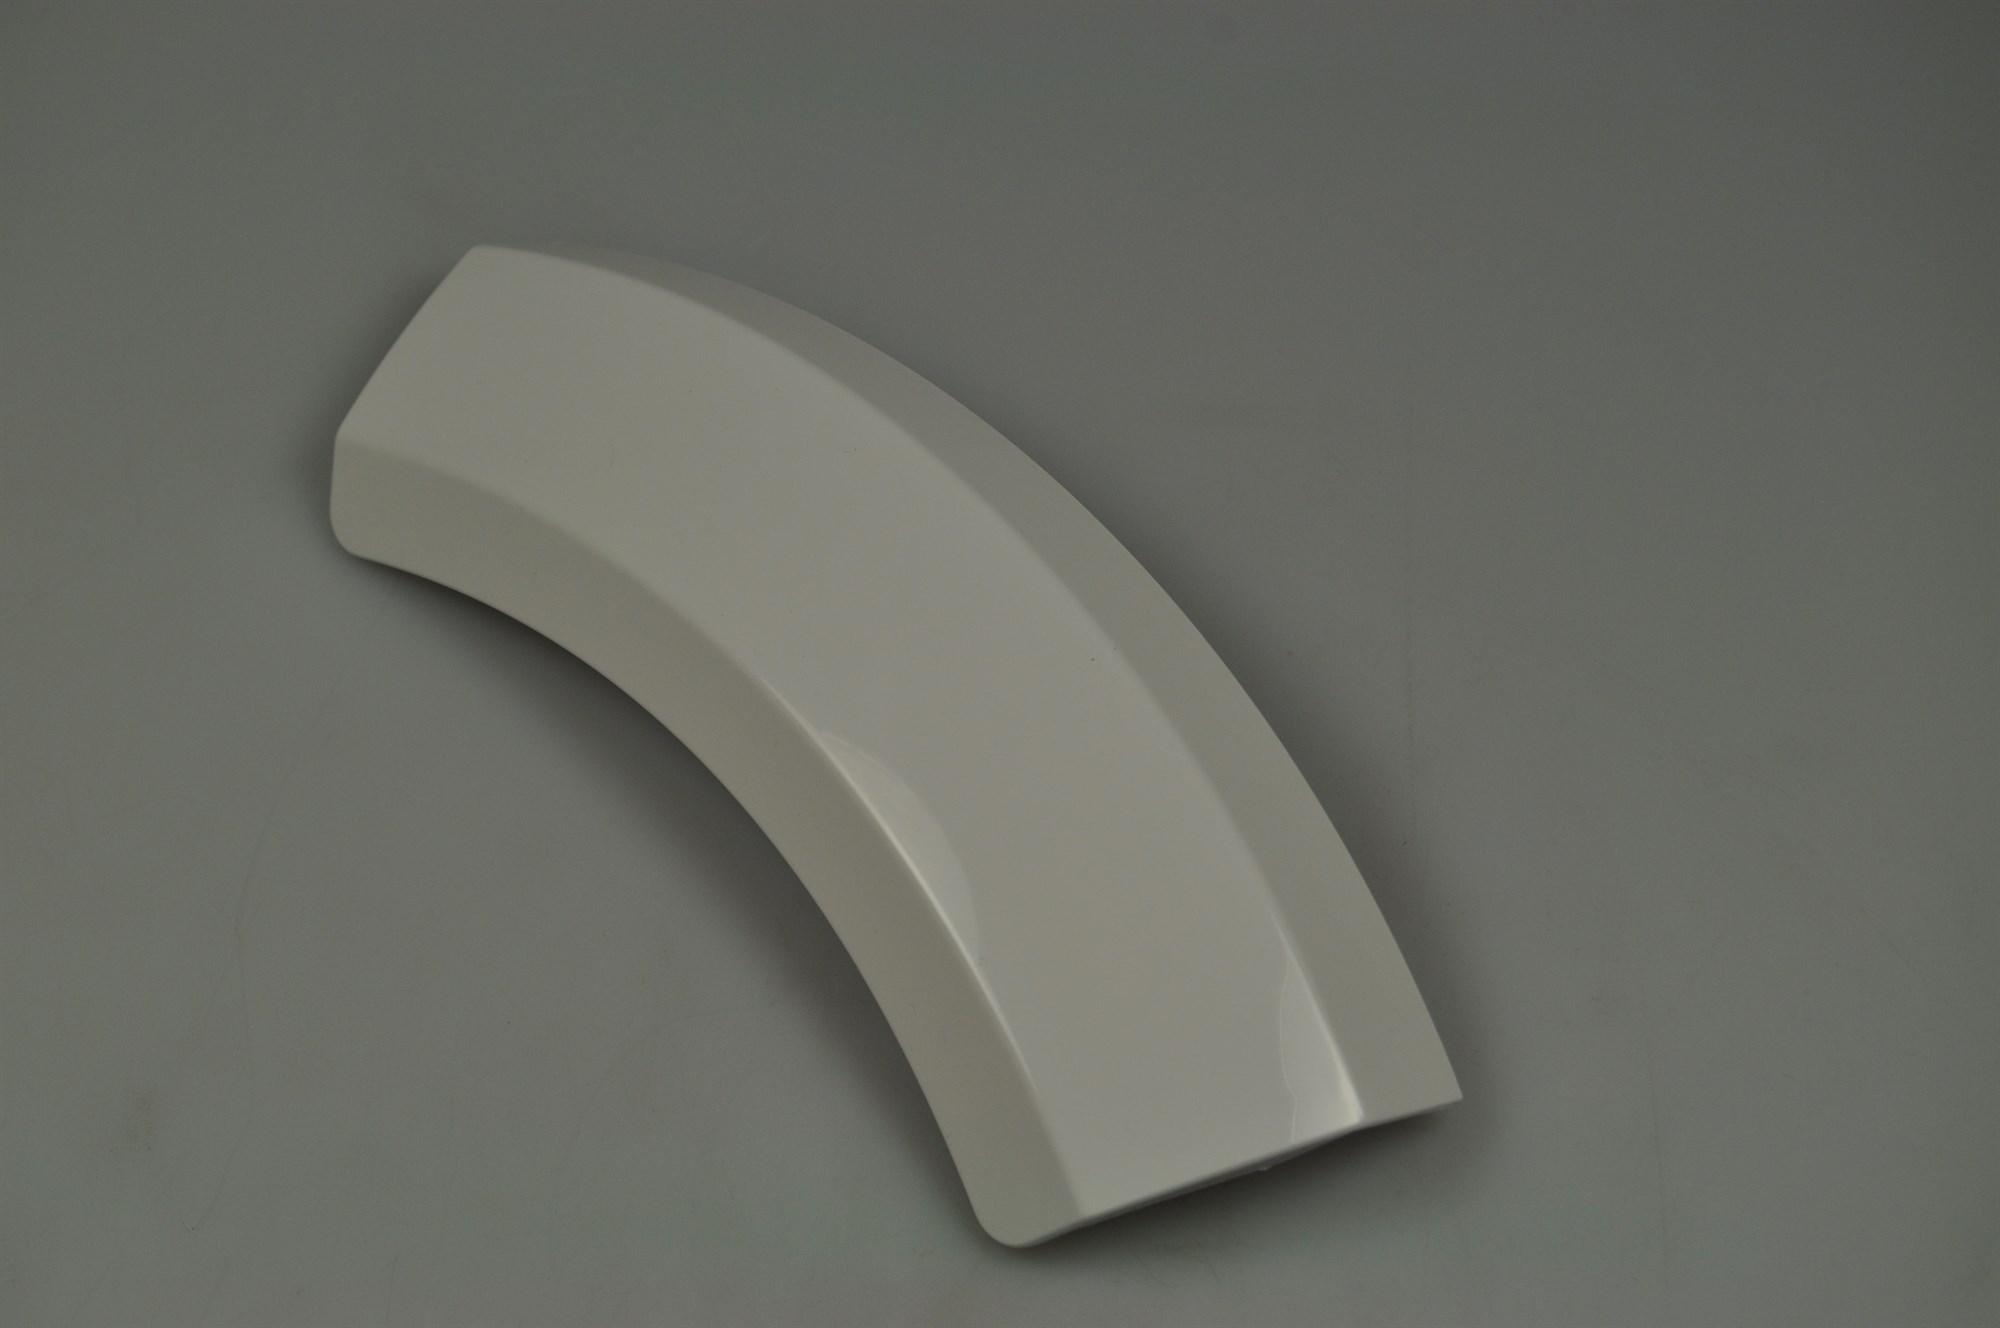 Bosch WTV74104GB//02 Door Handle